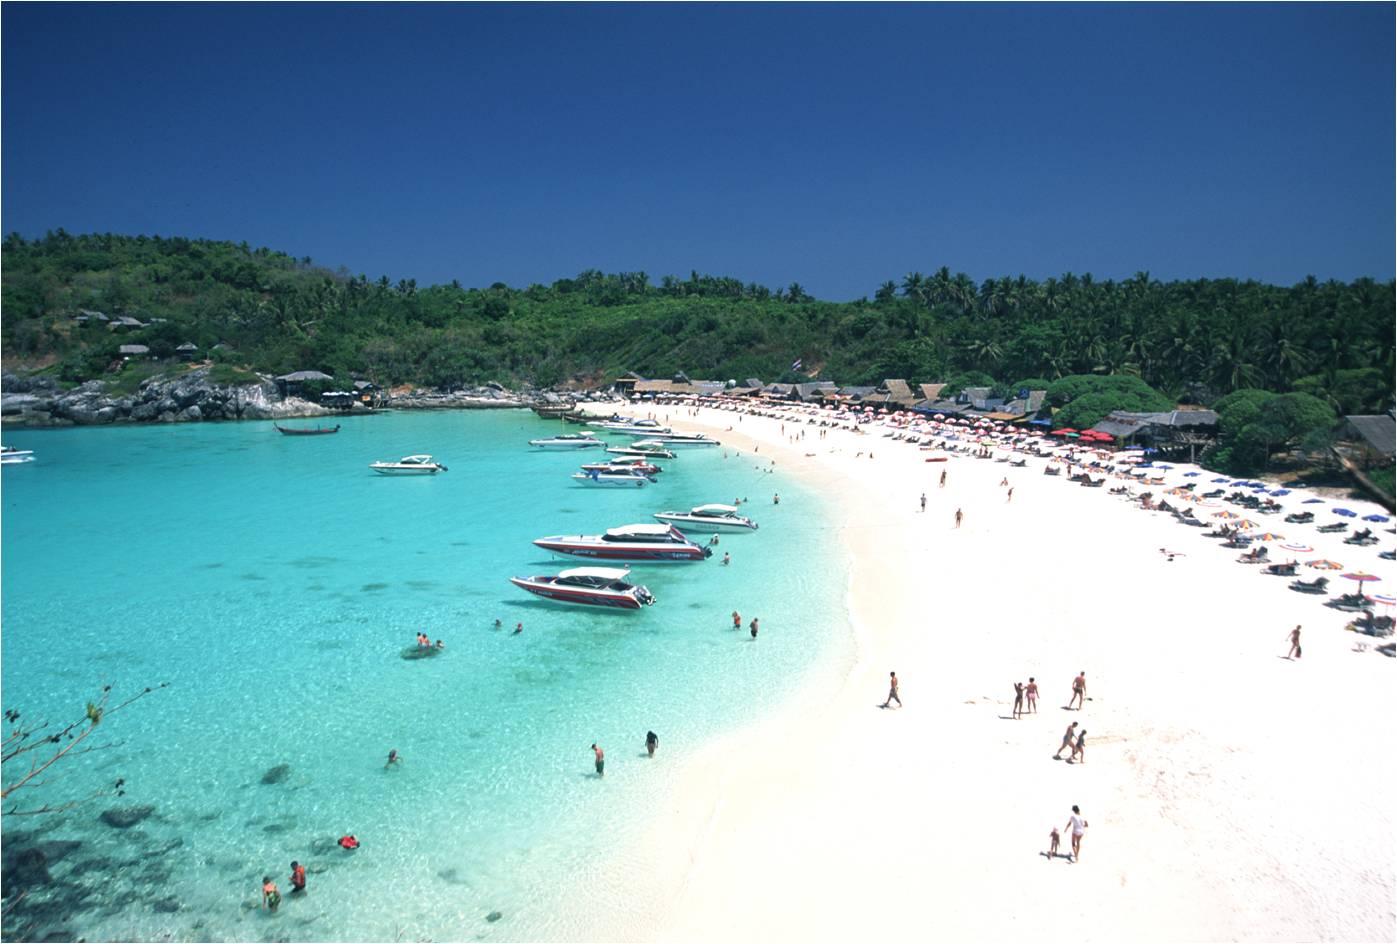 18年春节去泰国普吉岛团队旅游价钱 普吉达曼公主岛5晚7天